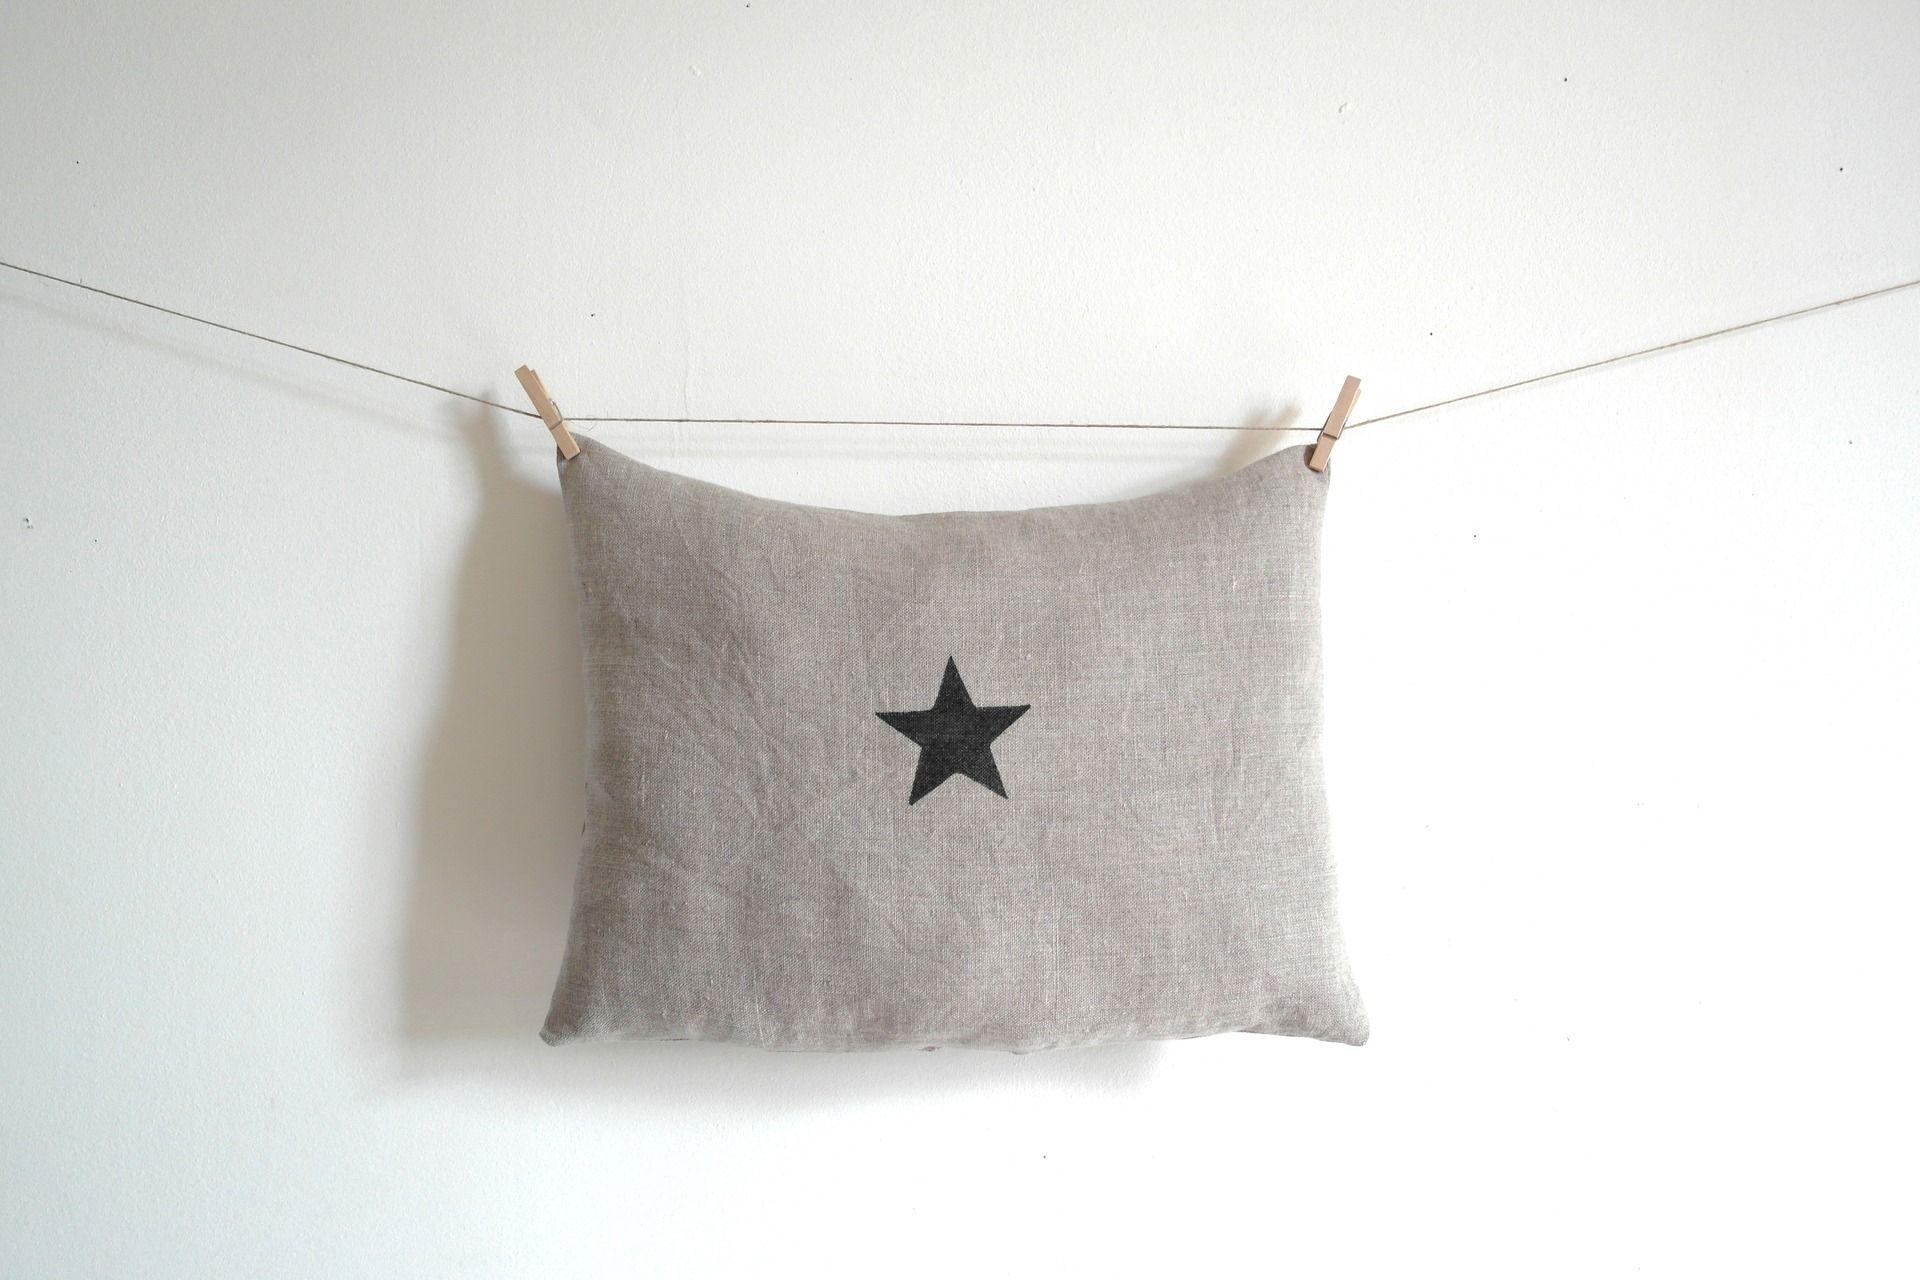 un style scandinave et tendance pour ce coussin en lin et toile textiles et tapis par 3. Black Bedroom Furniture Sets. Home Design Ideas